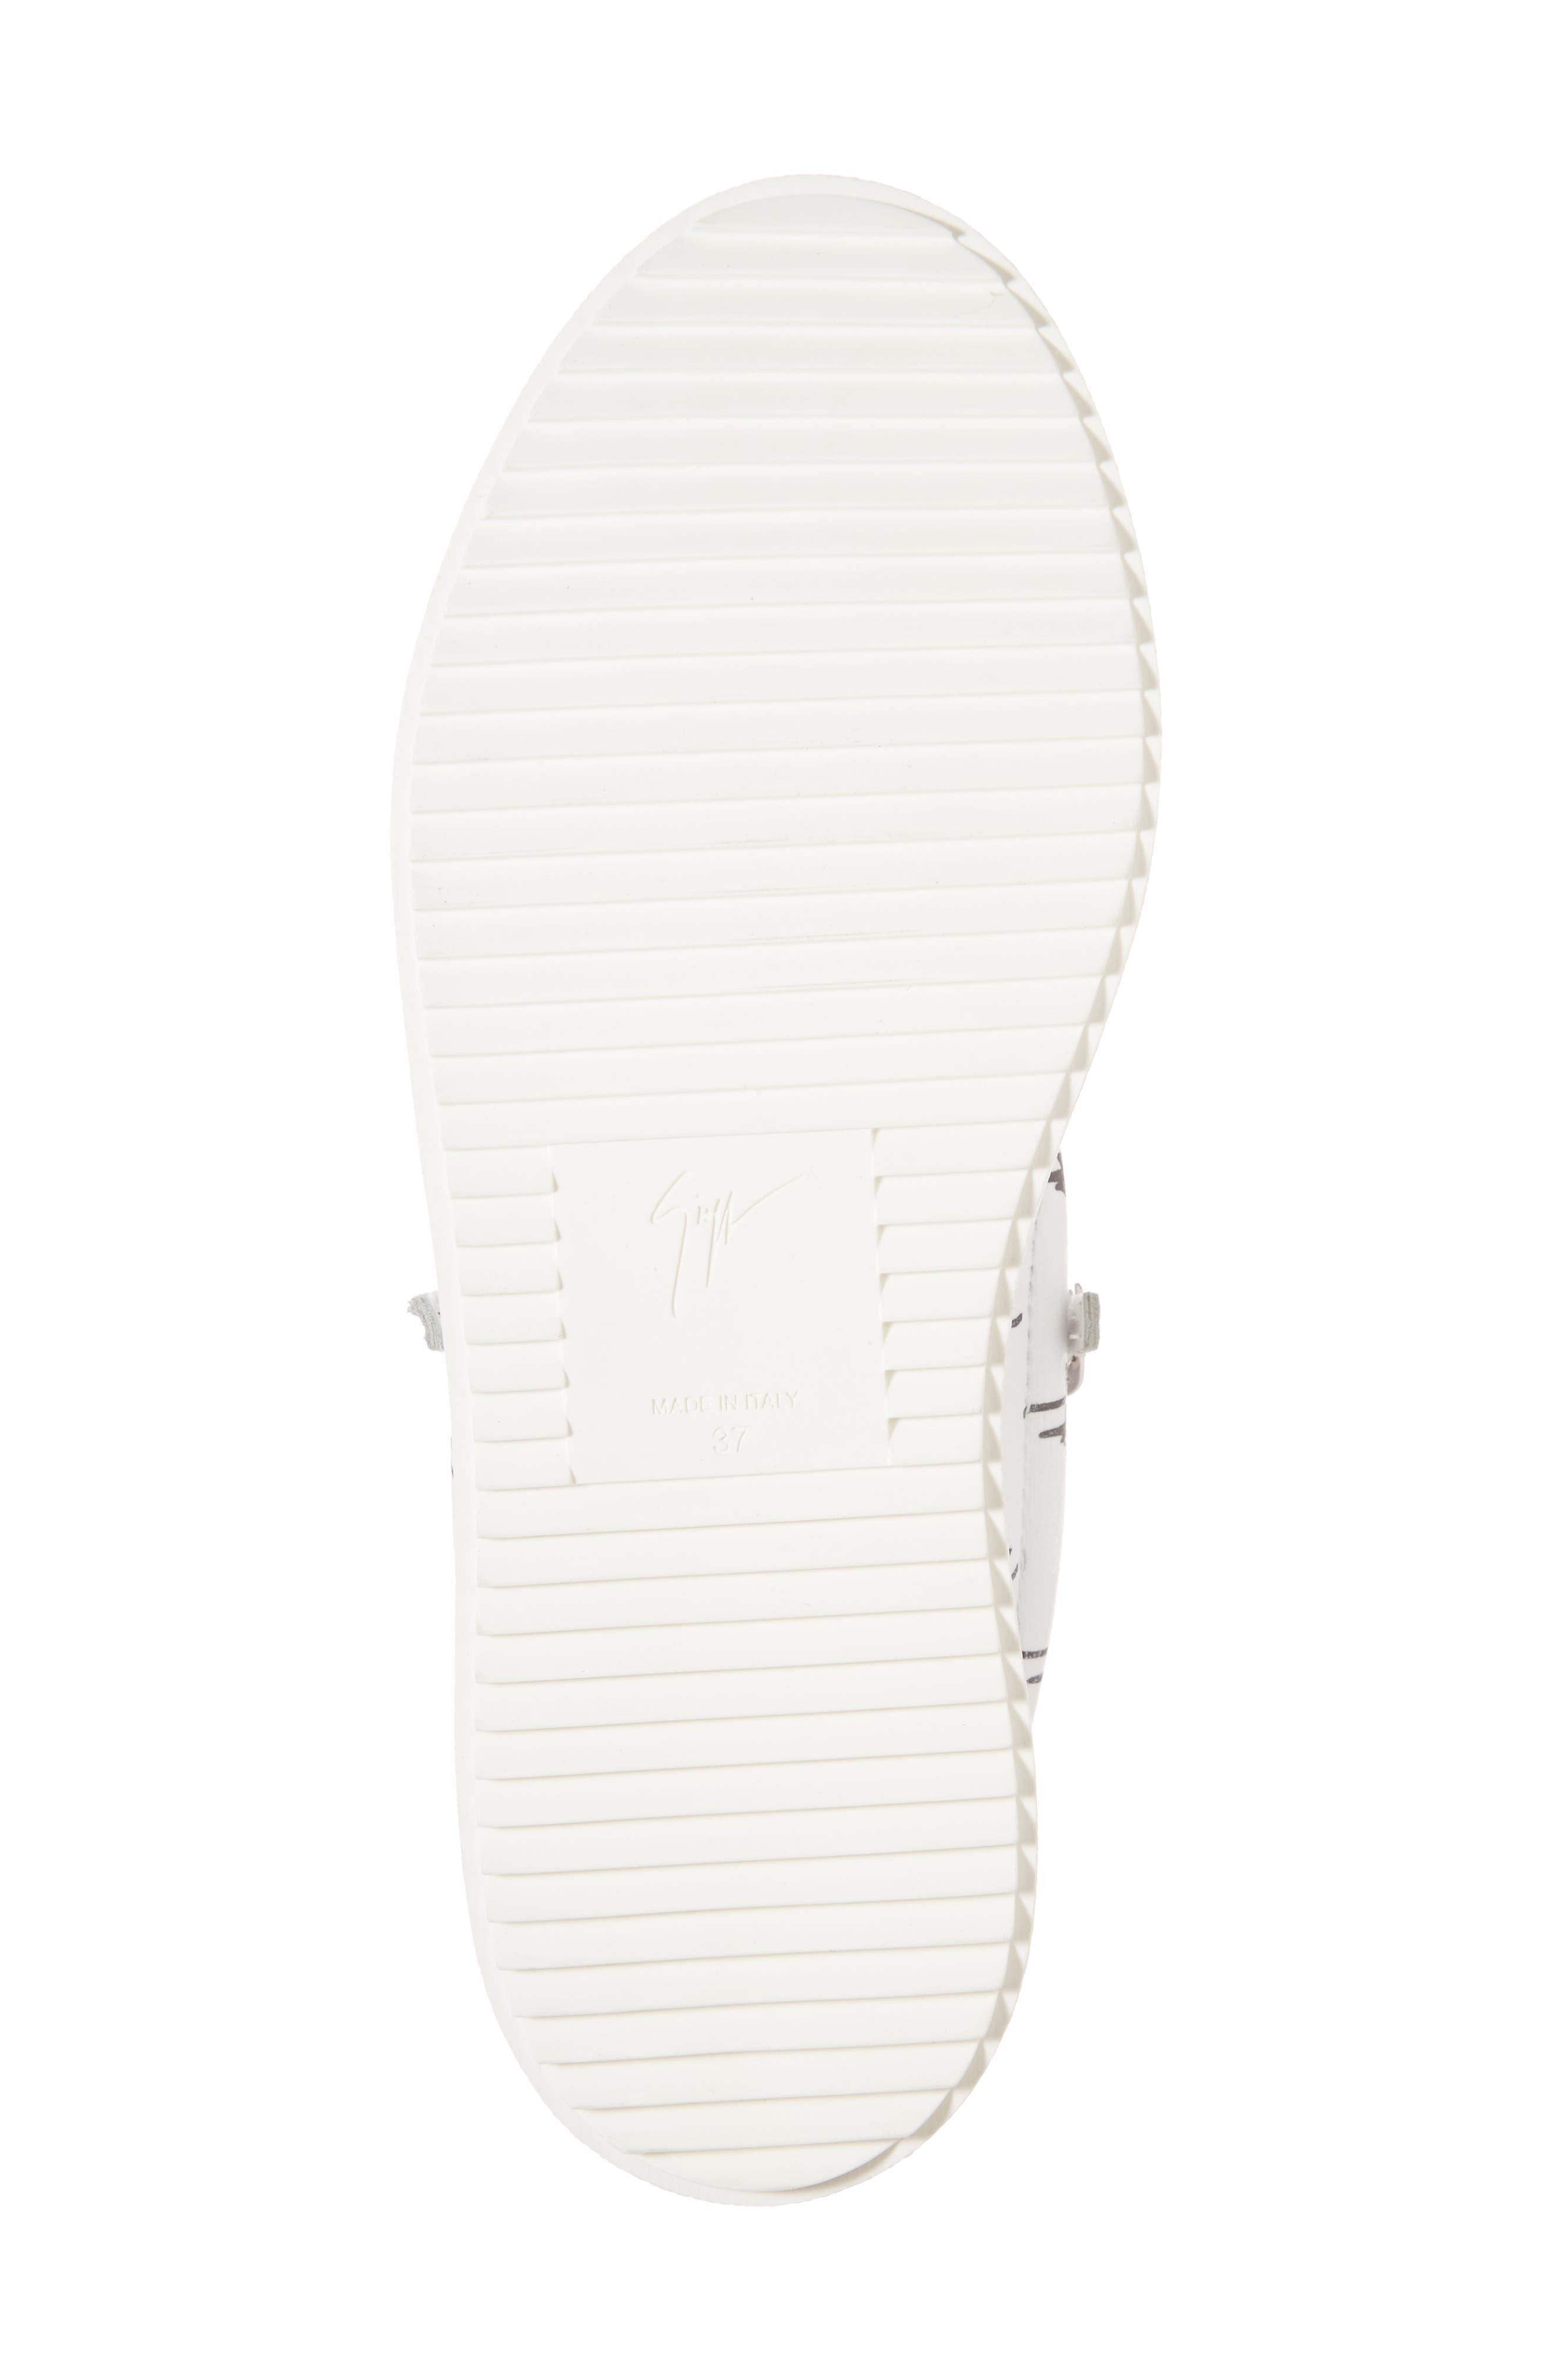 Maylondon Logo Sneaker,                             Alternate thumbnail 6, color,                             White/ Black